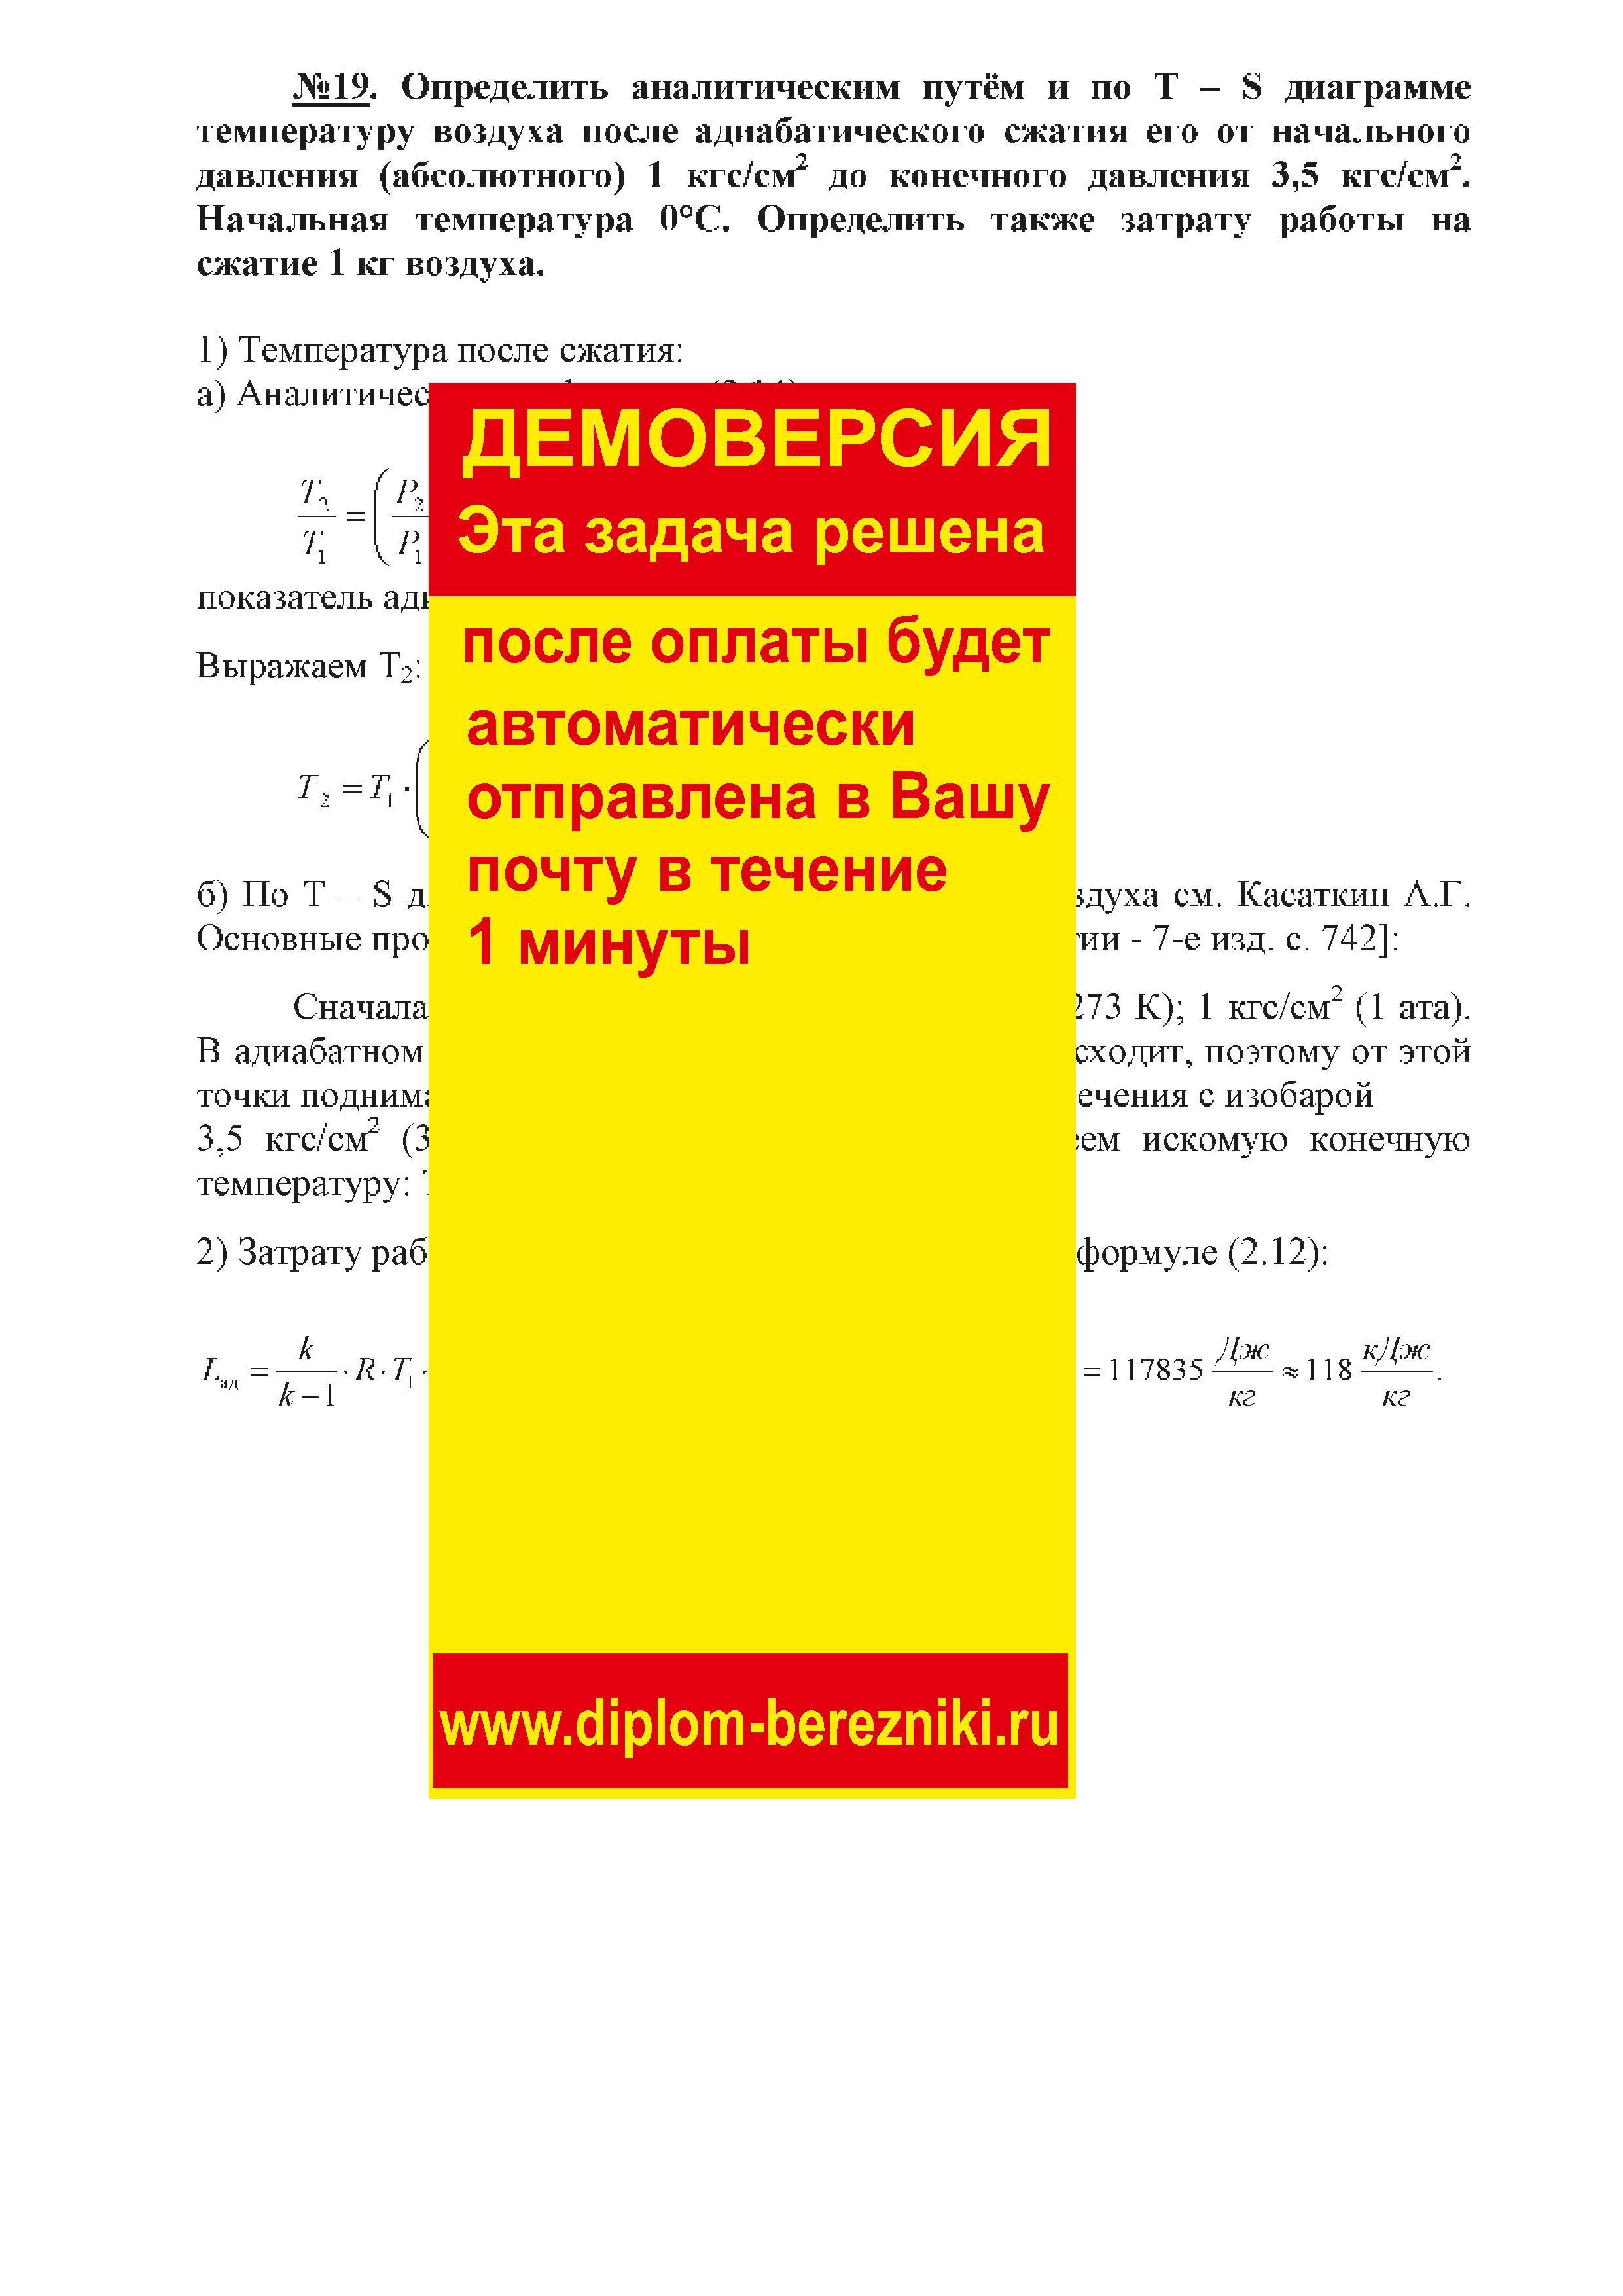 Решение задачи 2.19 по ПАХТ из задачника Павлова Романкова Носкова